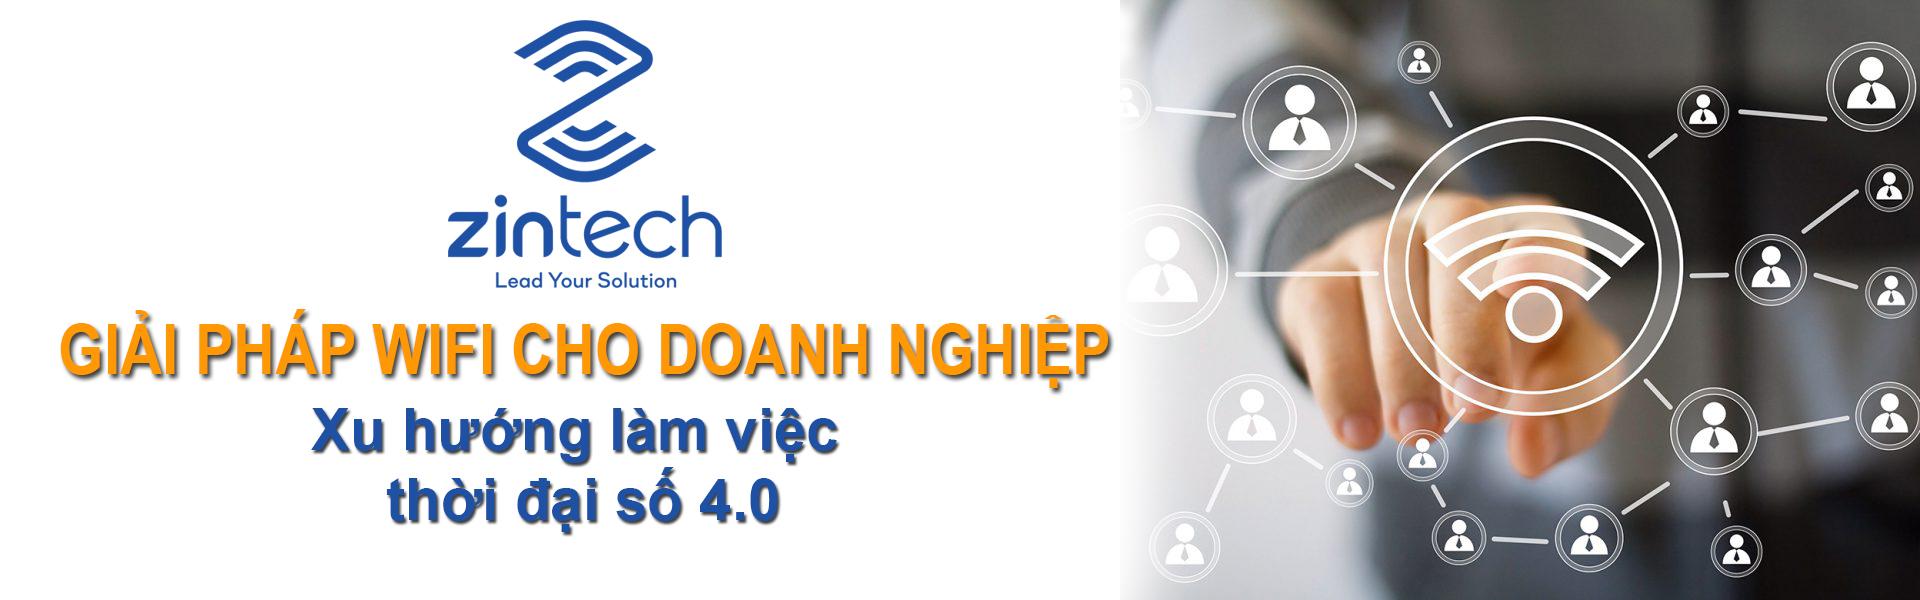 Giai phap wifi cho doanh nghiep cua zintech banner 1